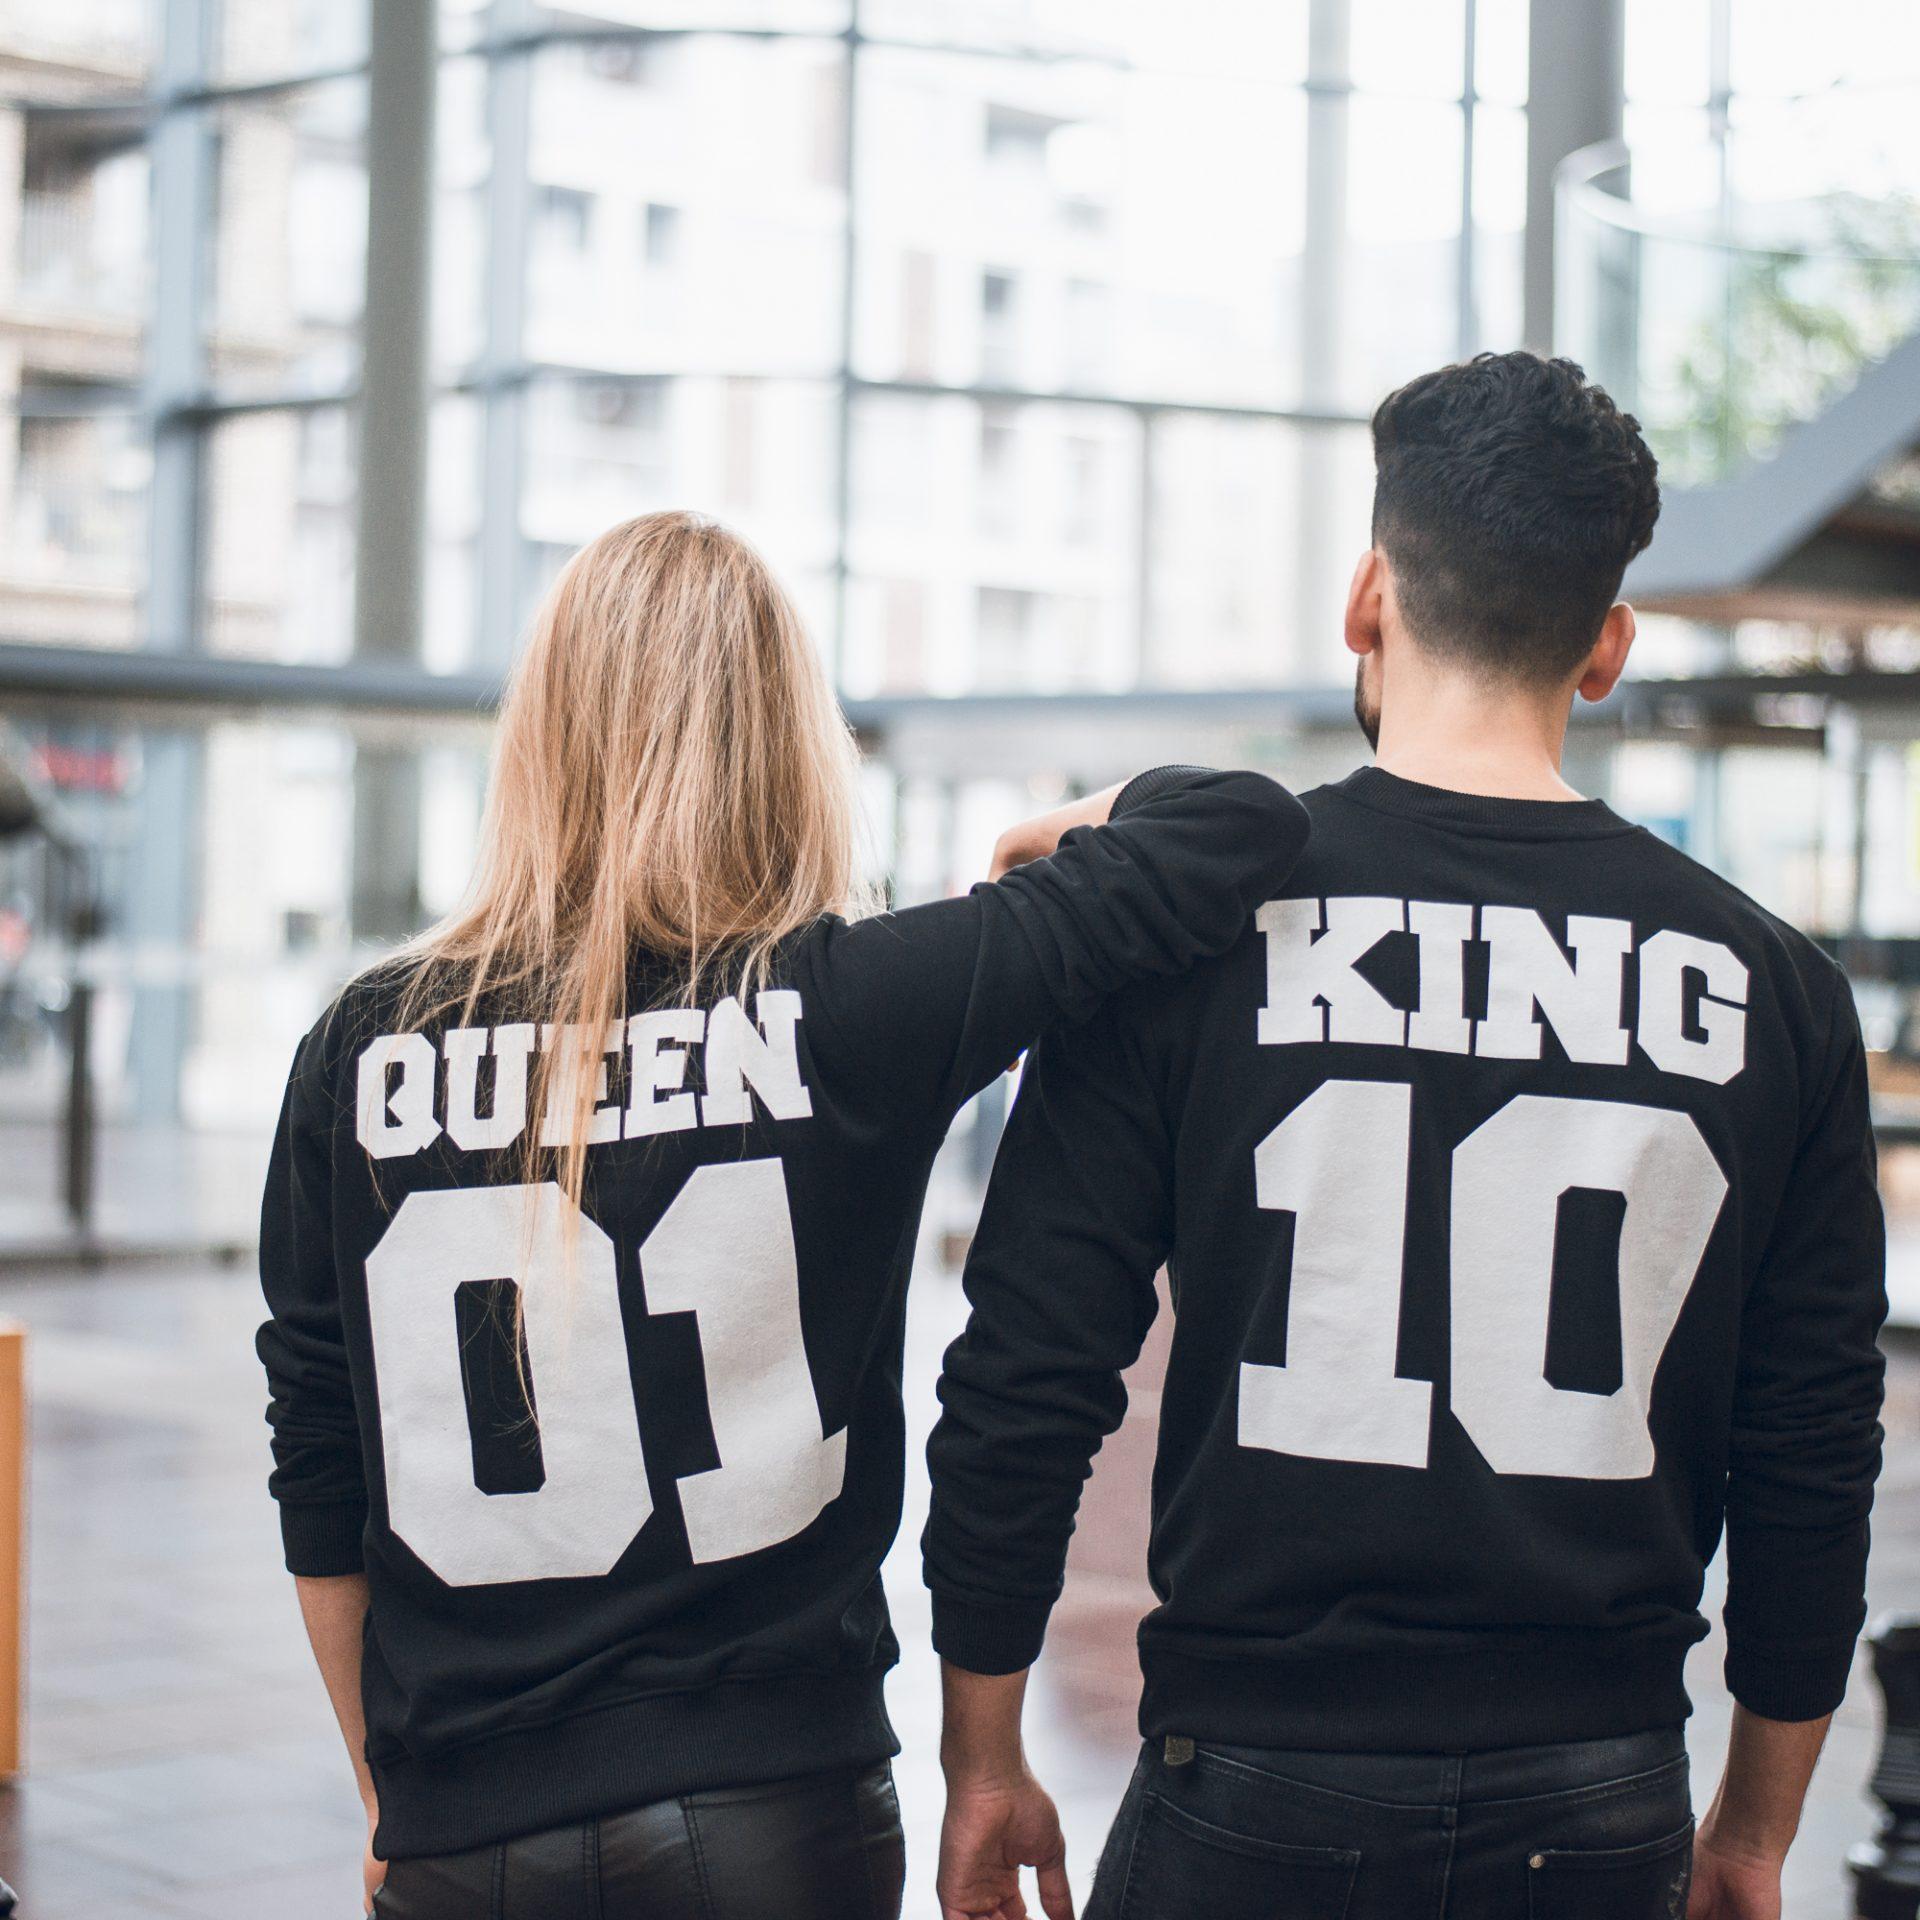 Queen 01 Sweater